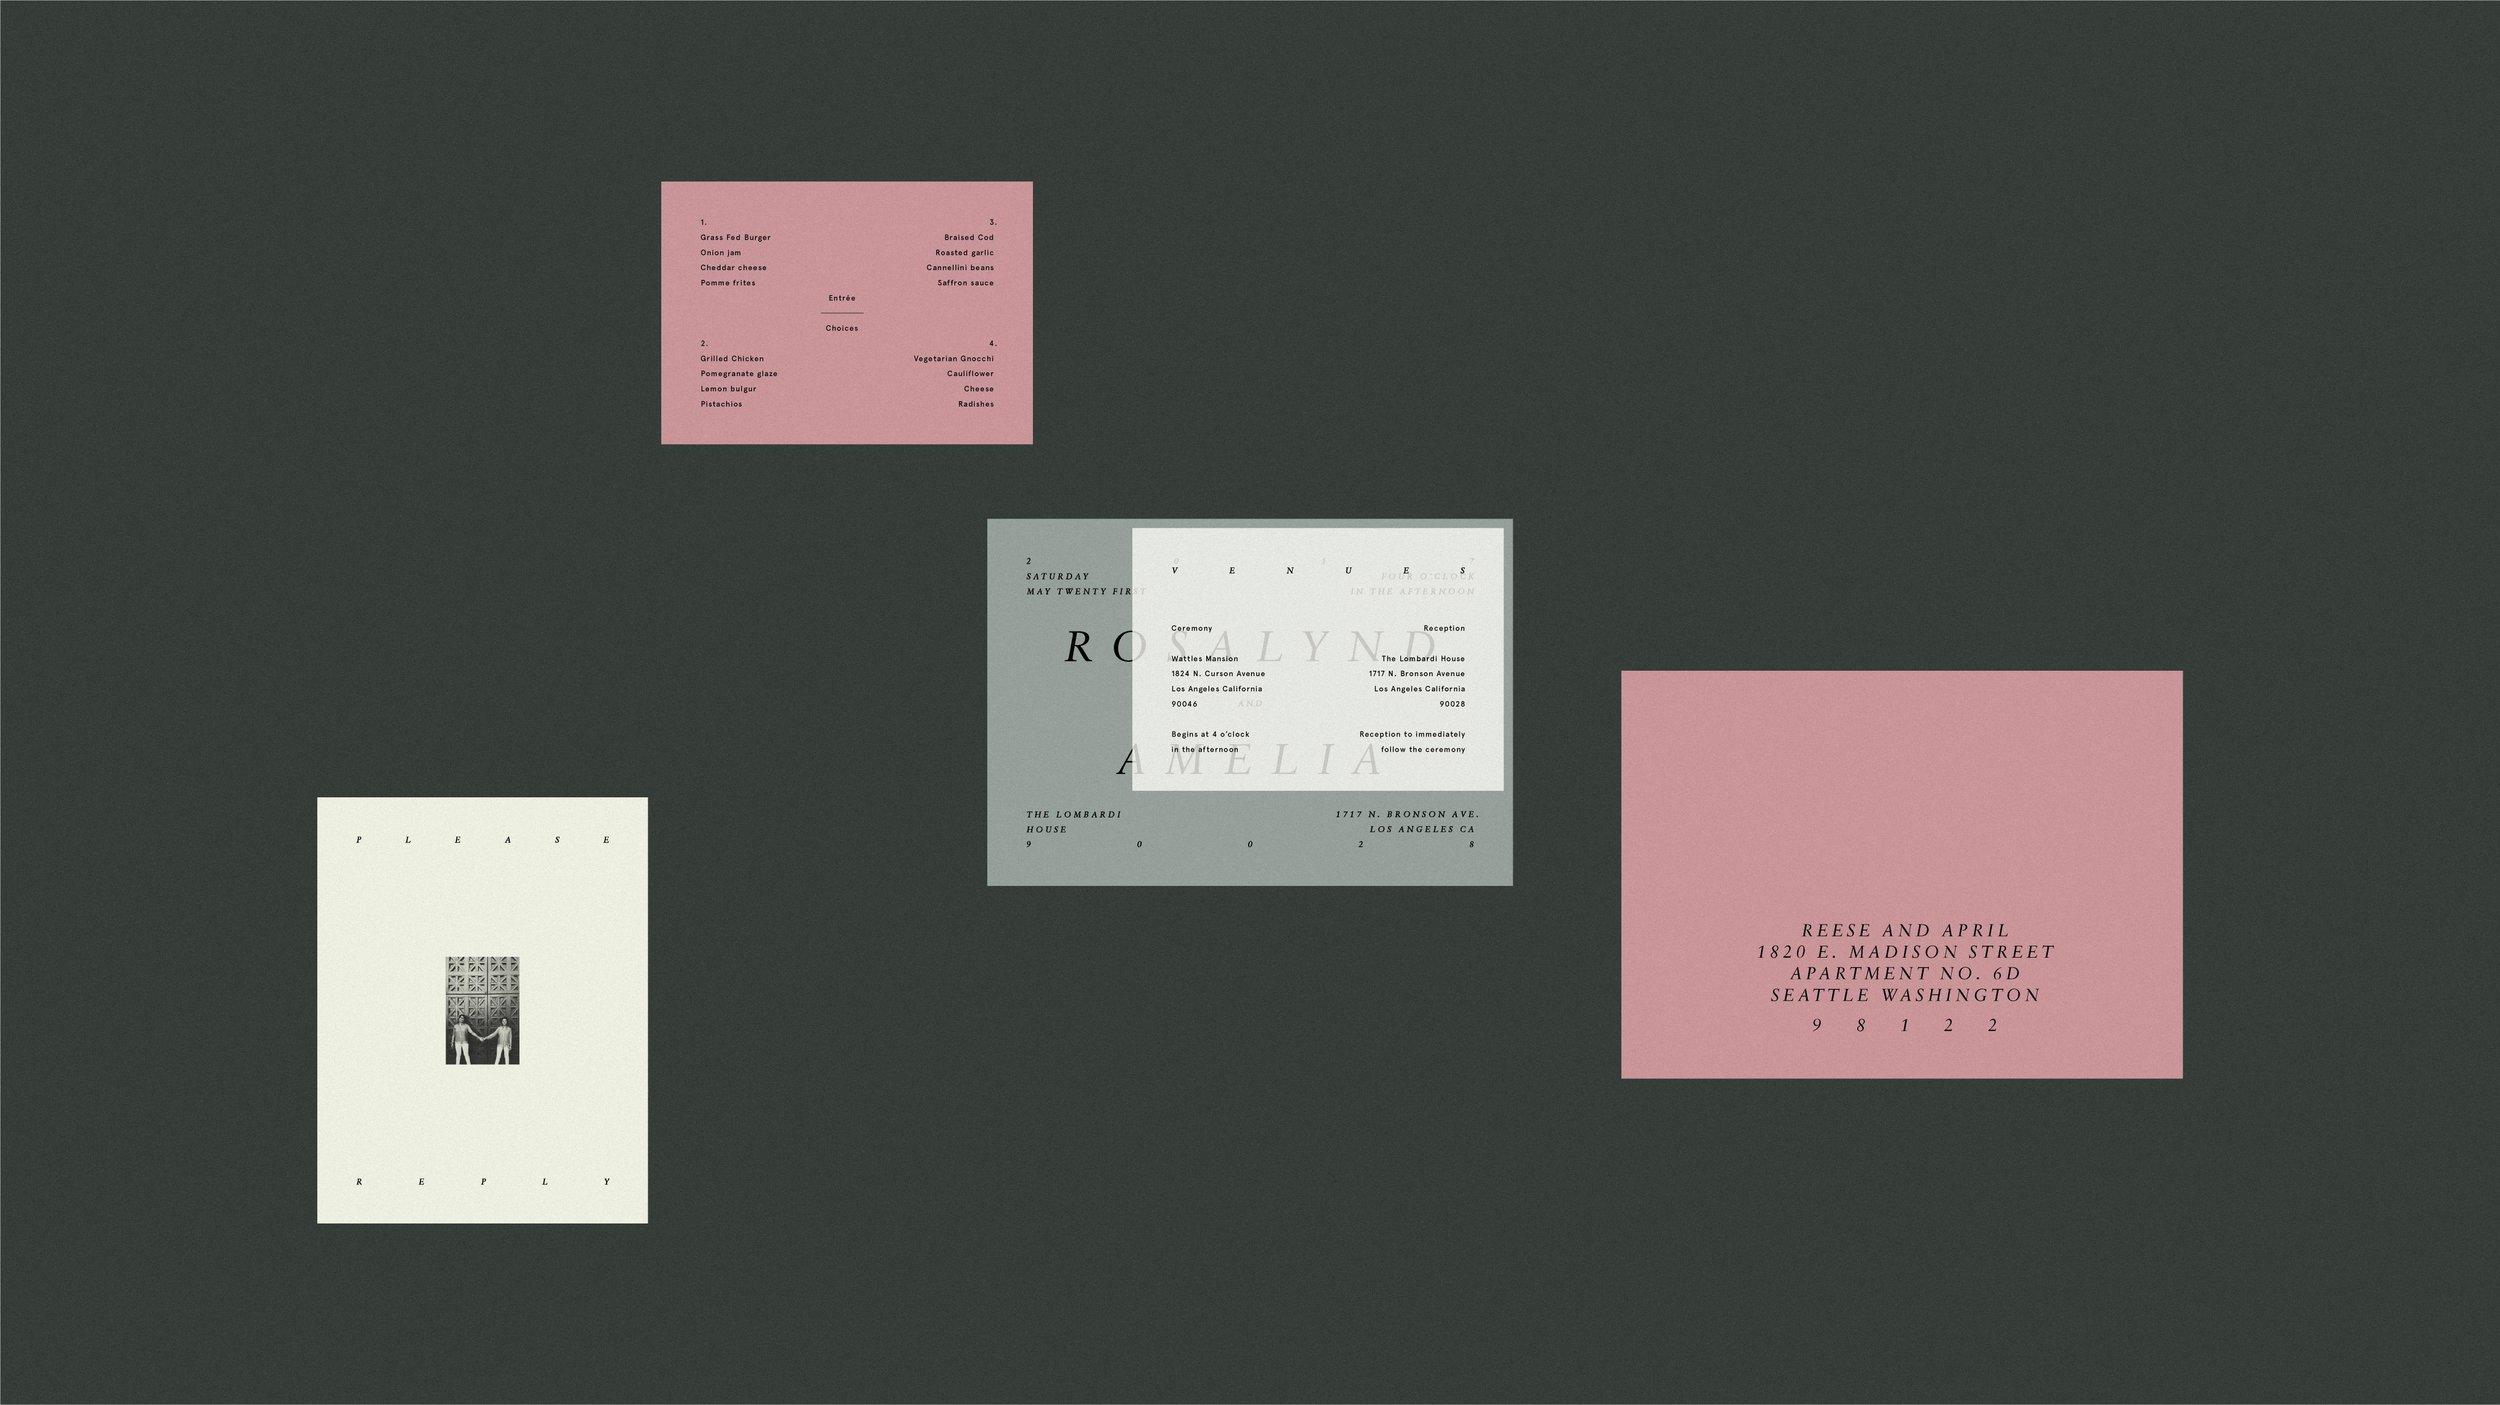 Product-Images-Sabonne-09.jpg